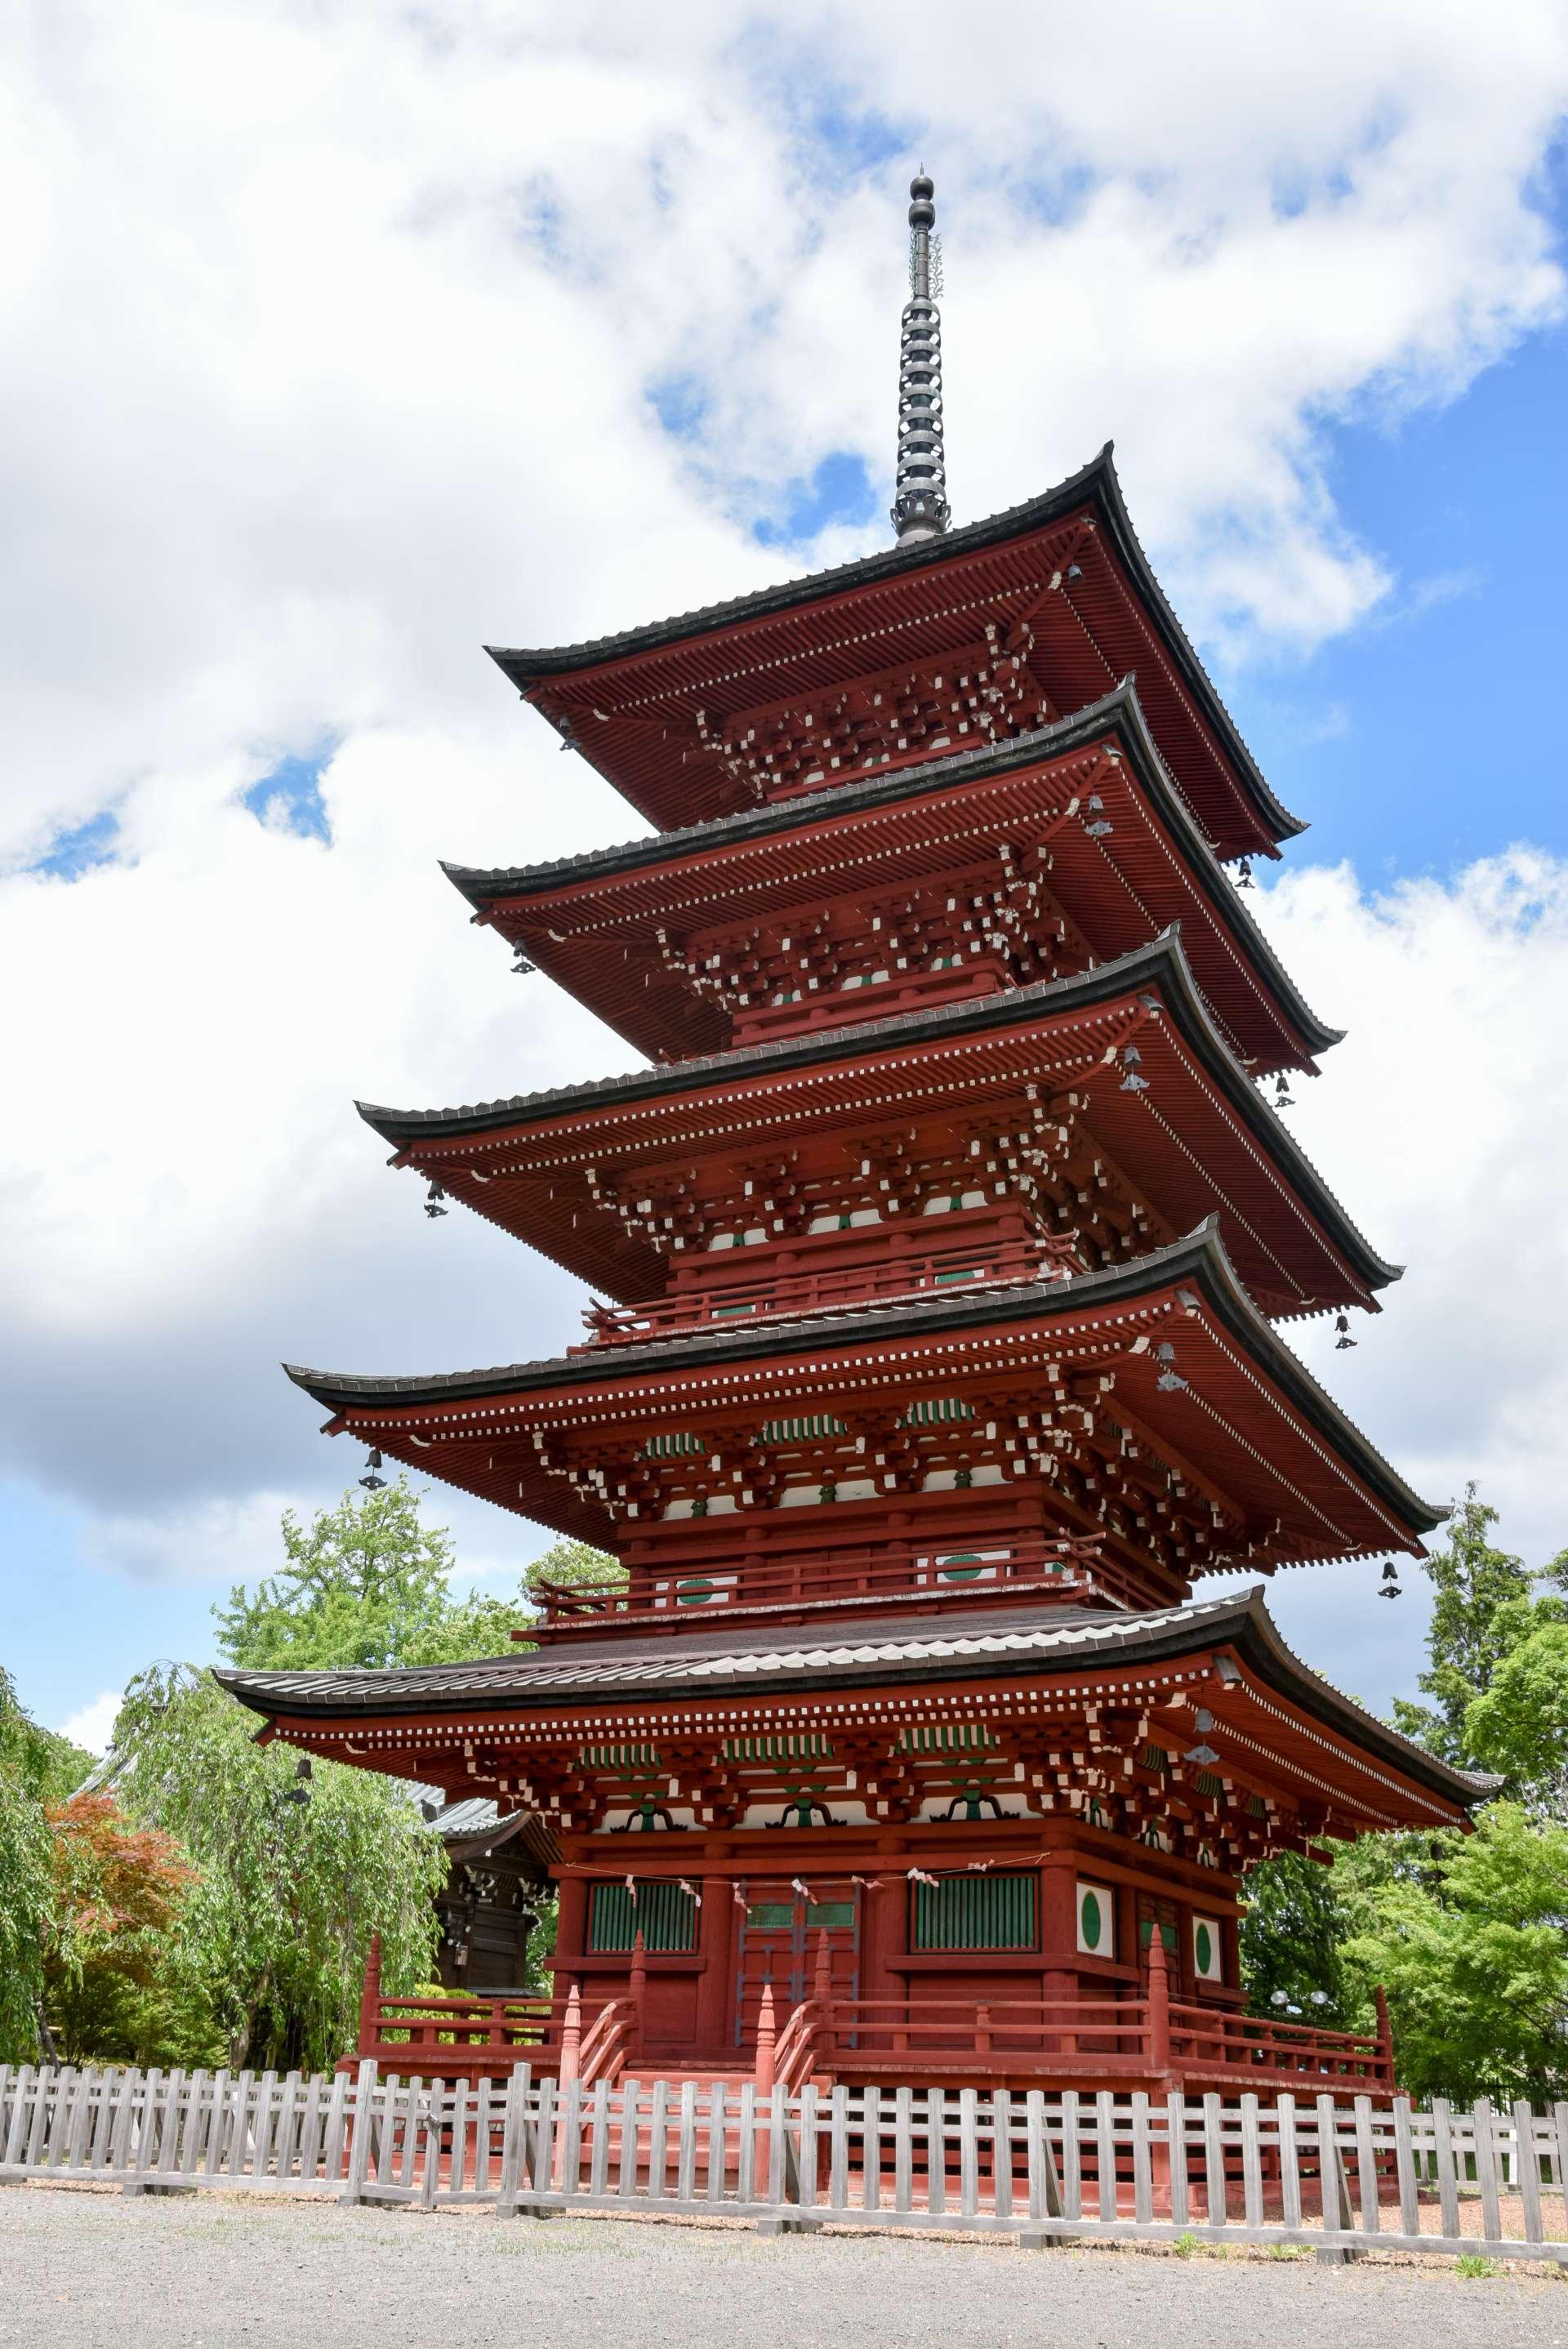 最勝院五重塔的照片看起來也非常壯觀